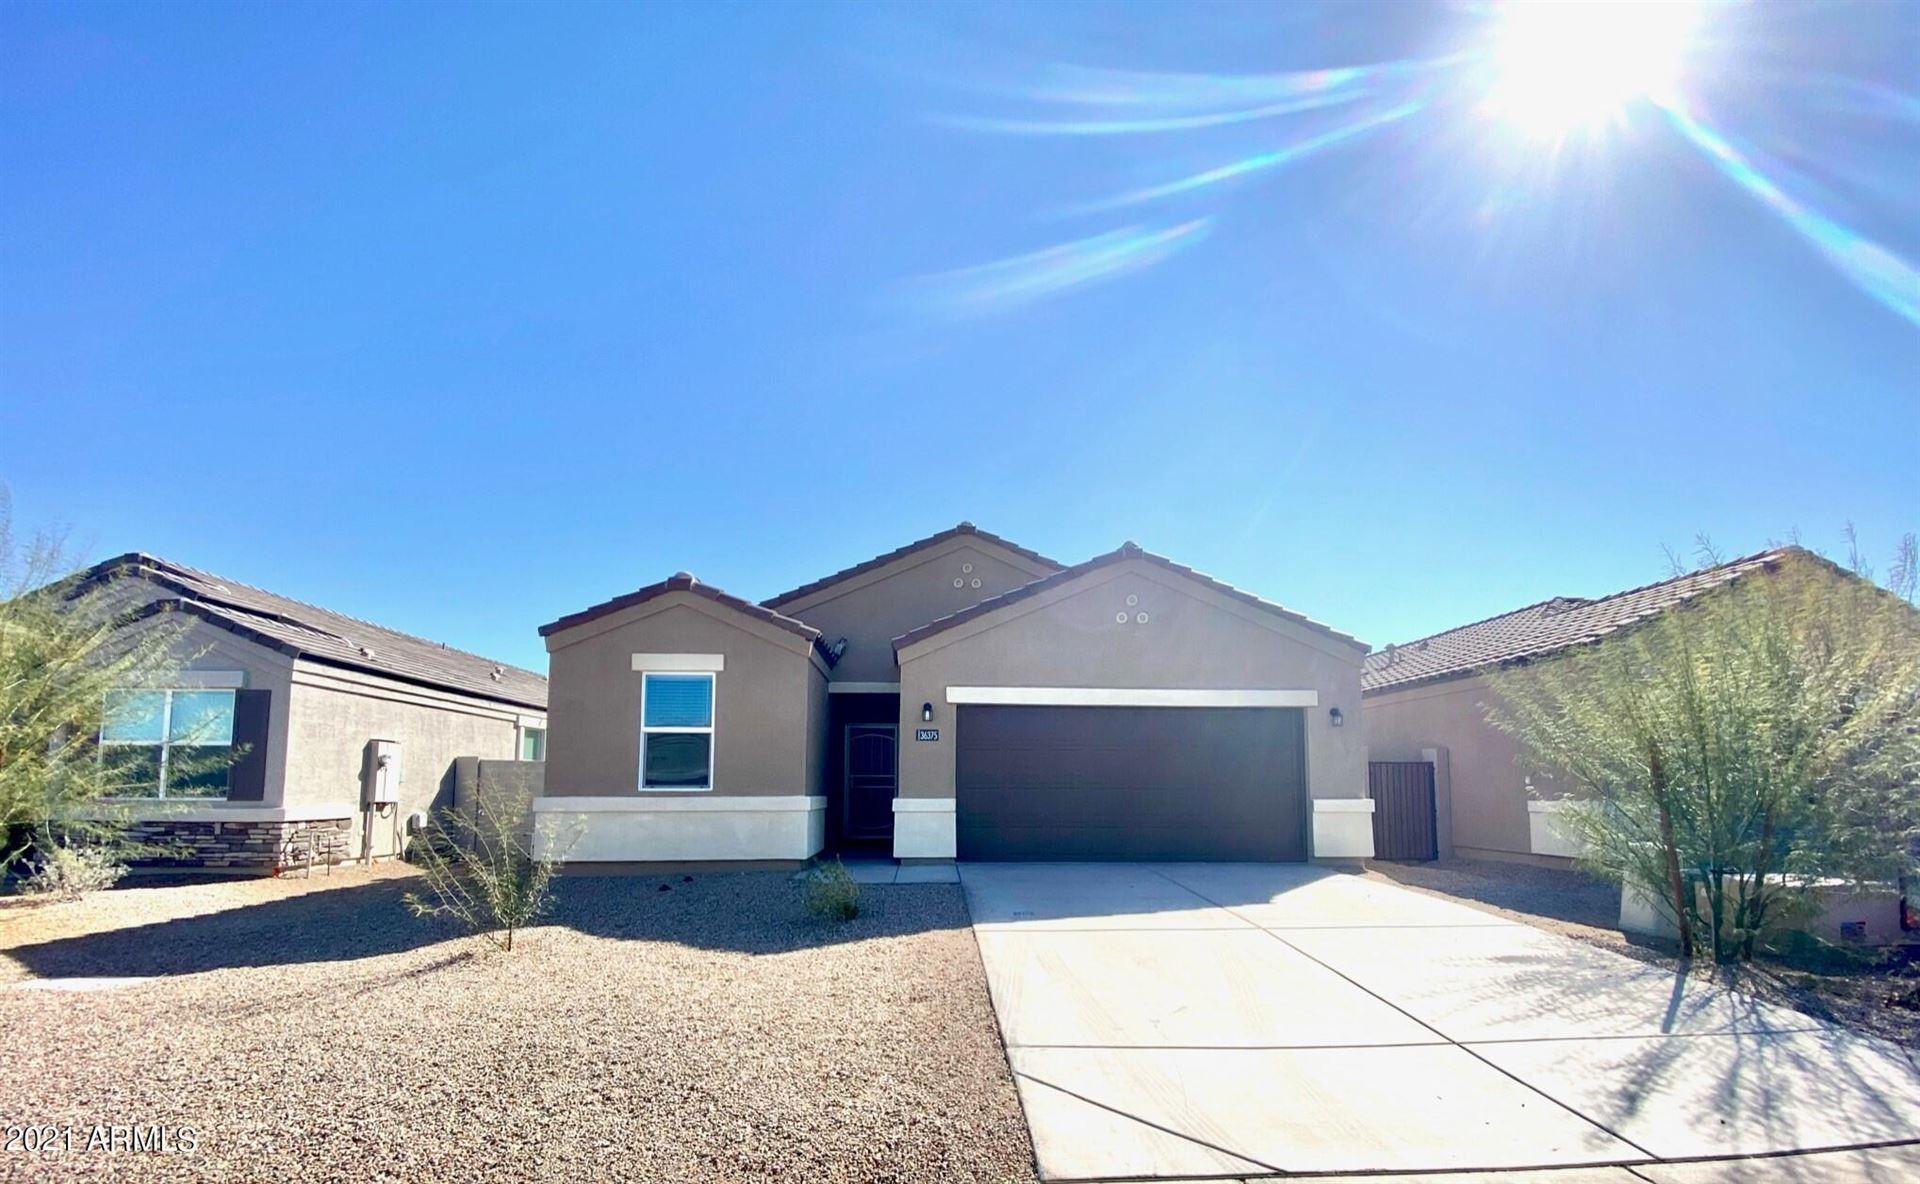 Photo of 36375 W PICASSO Street, Maricopa, AZ 85138 (MLS # 6201775)